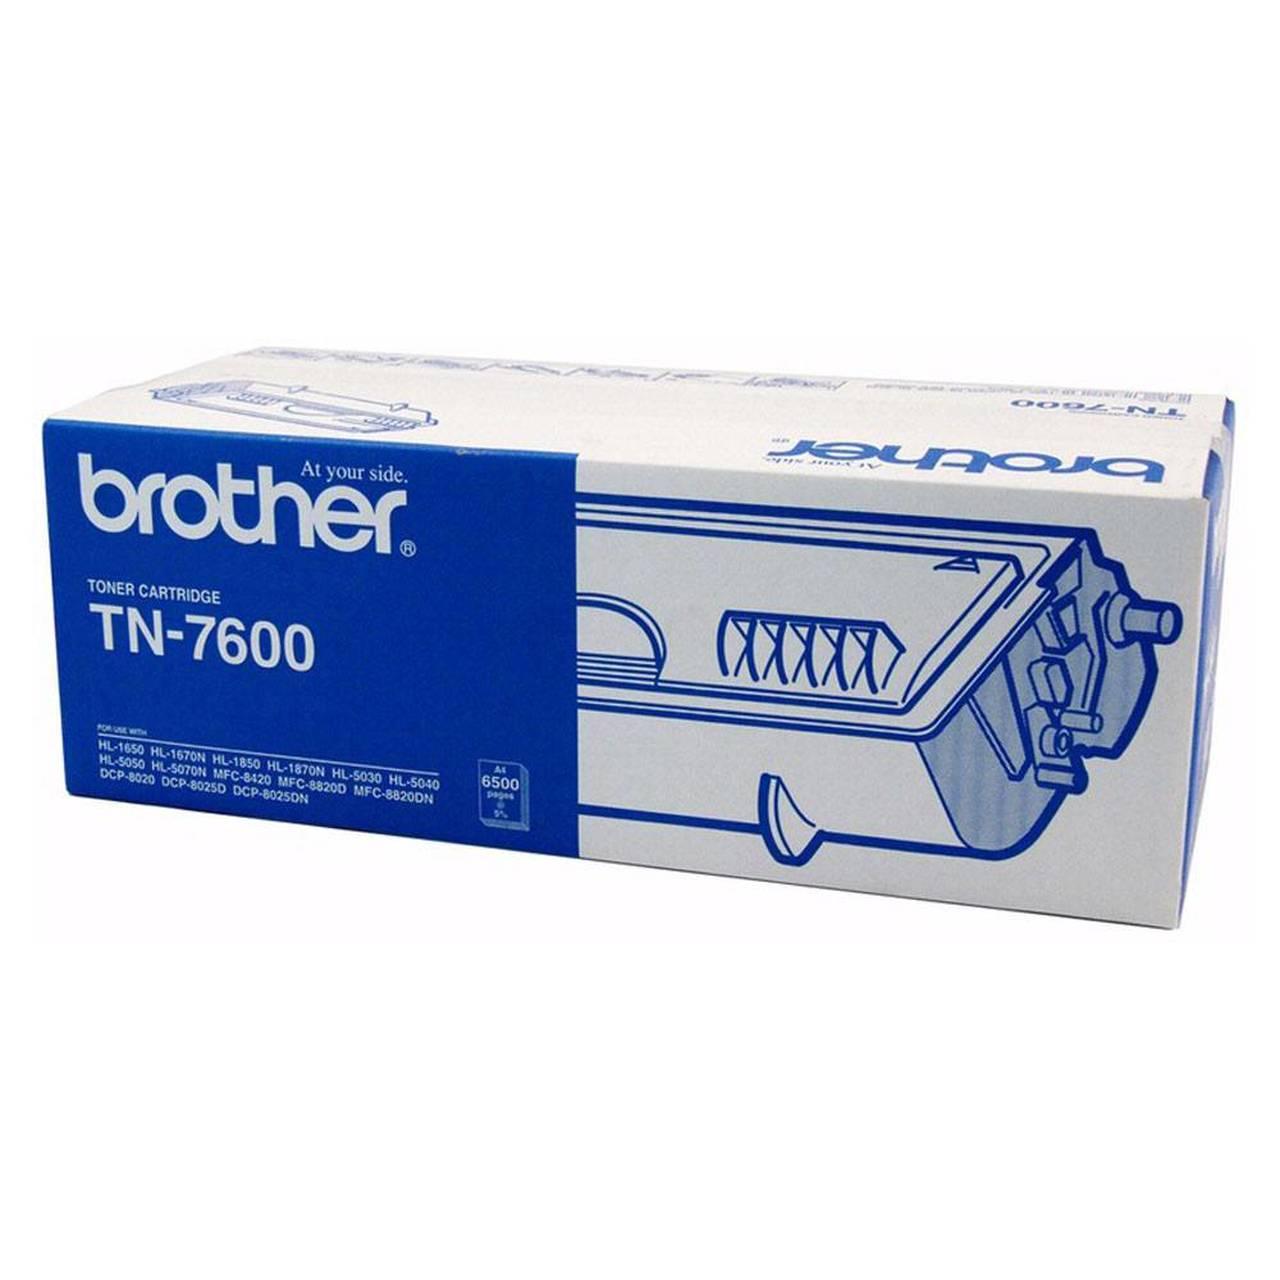 """کارتریج تونر مشکی TN-7600 برادر از تونرهای لیزری شرکت """" Brother """" میباشد. هر کارتریج دارای قطعات ، درام کارتریج ،چیپست کارتریج ، مگنت و فوم کارتریج است ."""